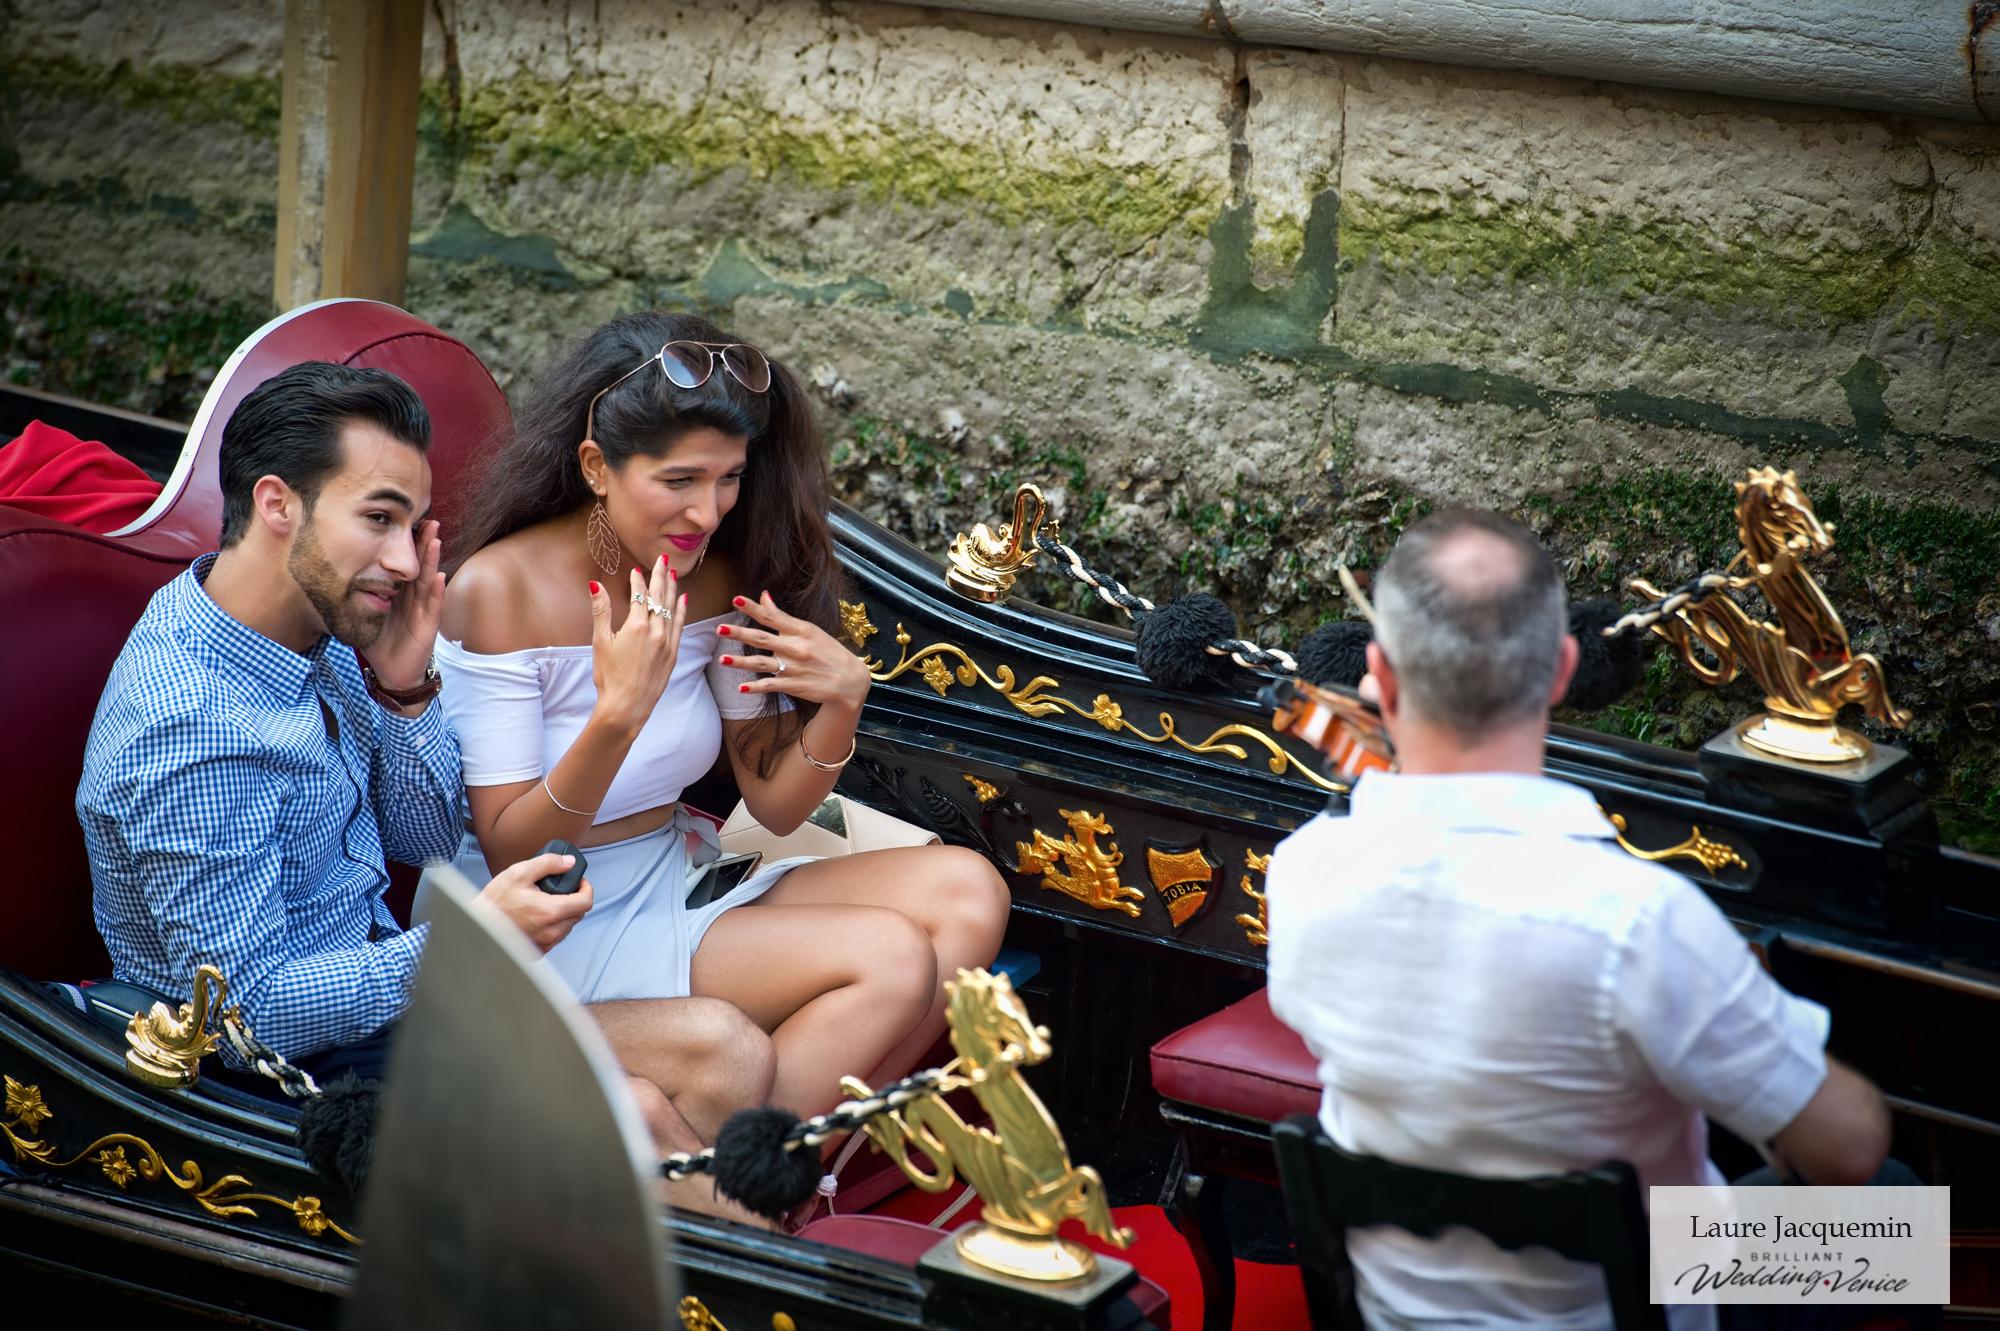 venise gondole banner fiancaille photographe demande mariage laure jacquemin (10)